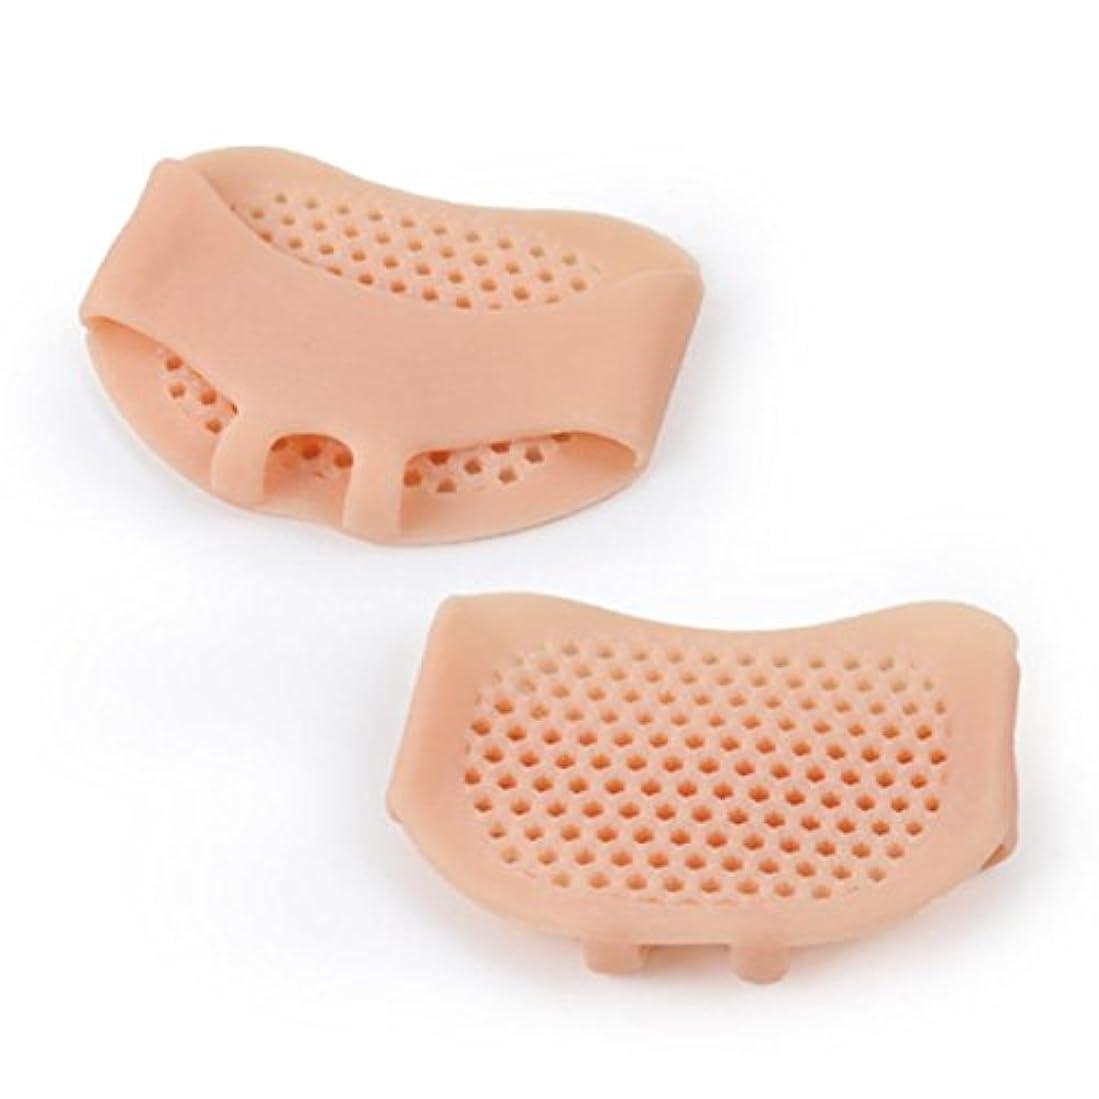 うぬぼれ強大な誤解を招く通気性のあるソフトシリコン女性インソールパッド滑り止め快適な女性フロントフットケアクッションハイヒール靴パッド-肌の色